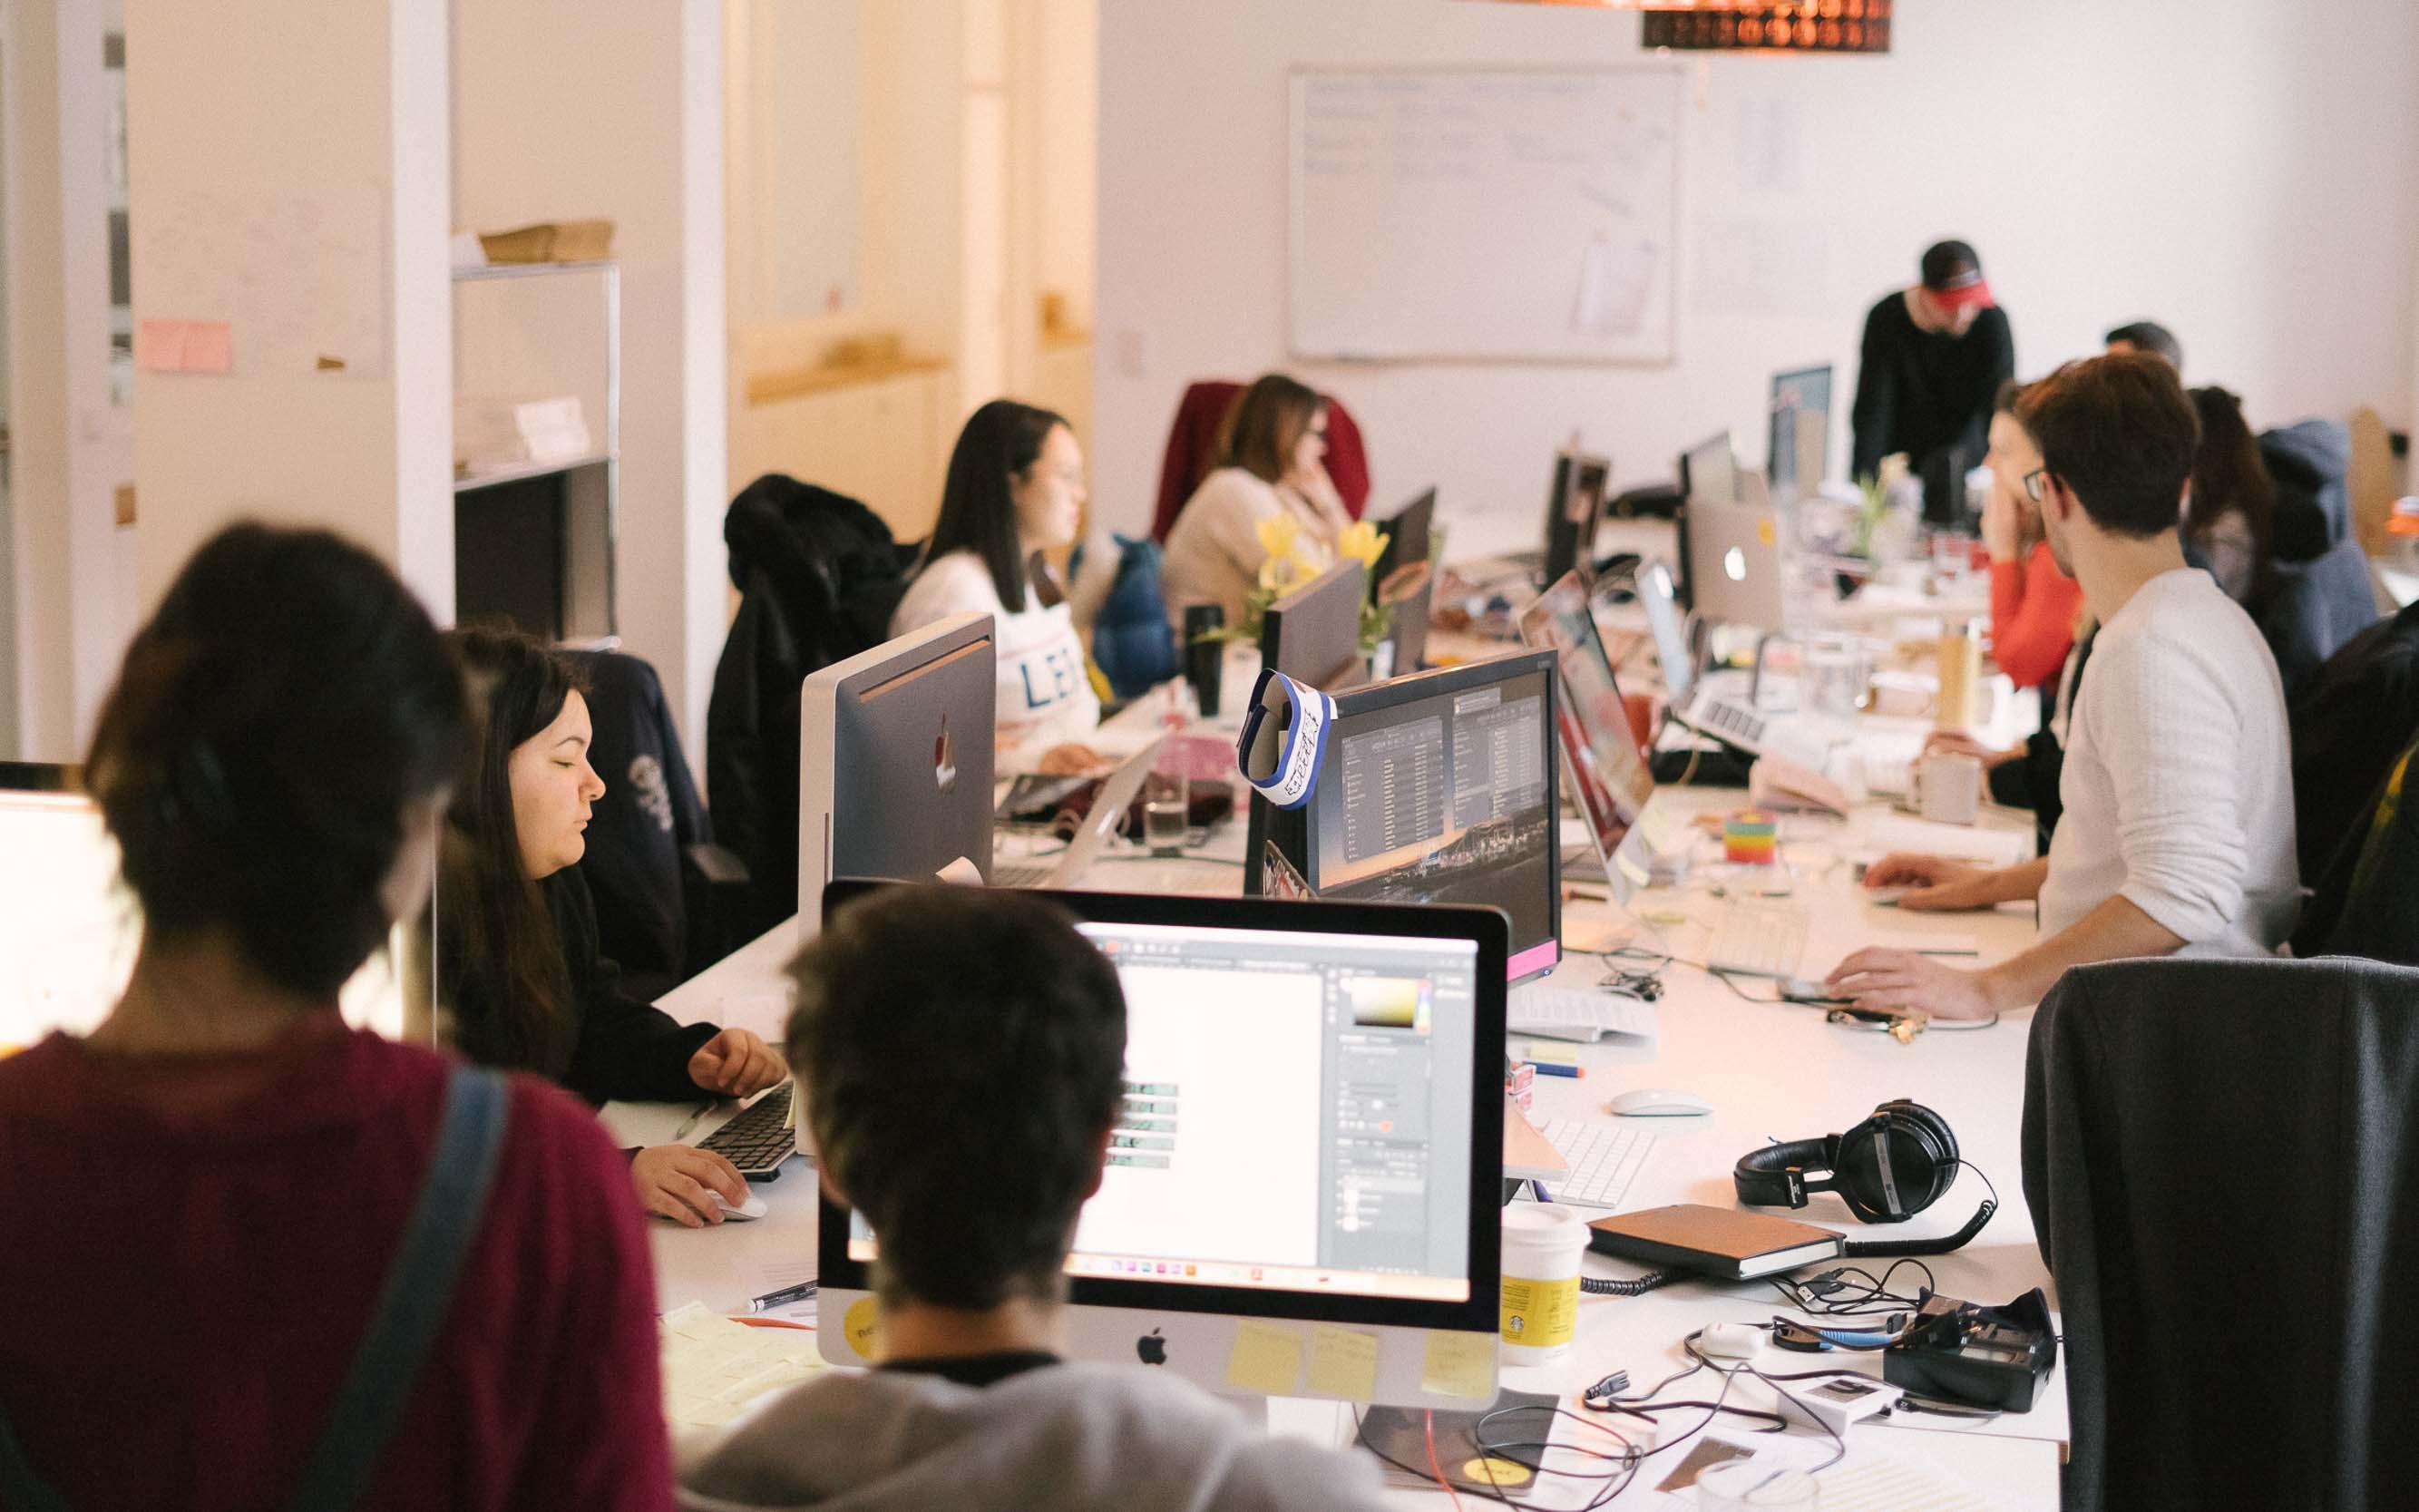 In unserem engagierten Team konzentrieren wir, die Social-Media-Marketing-Agentur next im Frankfurter Bahnhofsviertel, uns während der Arbeit.